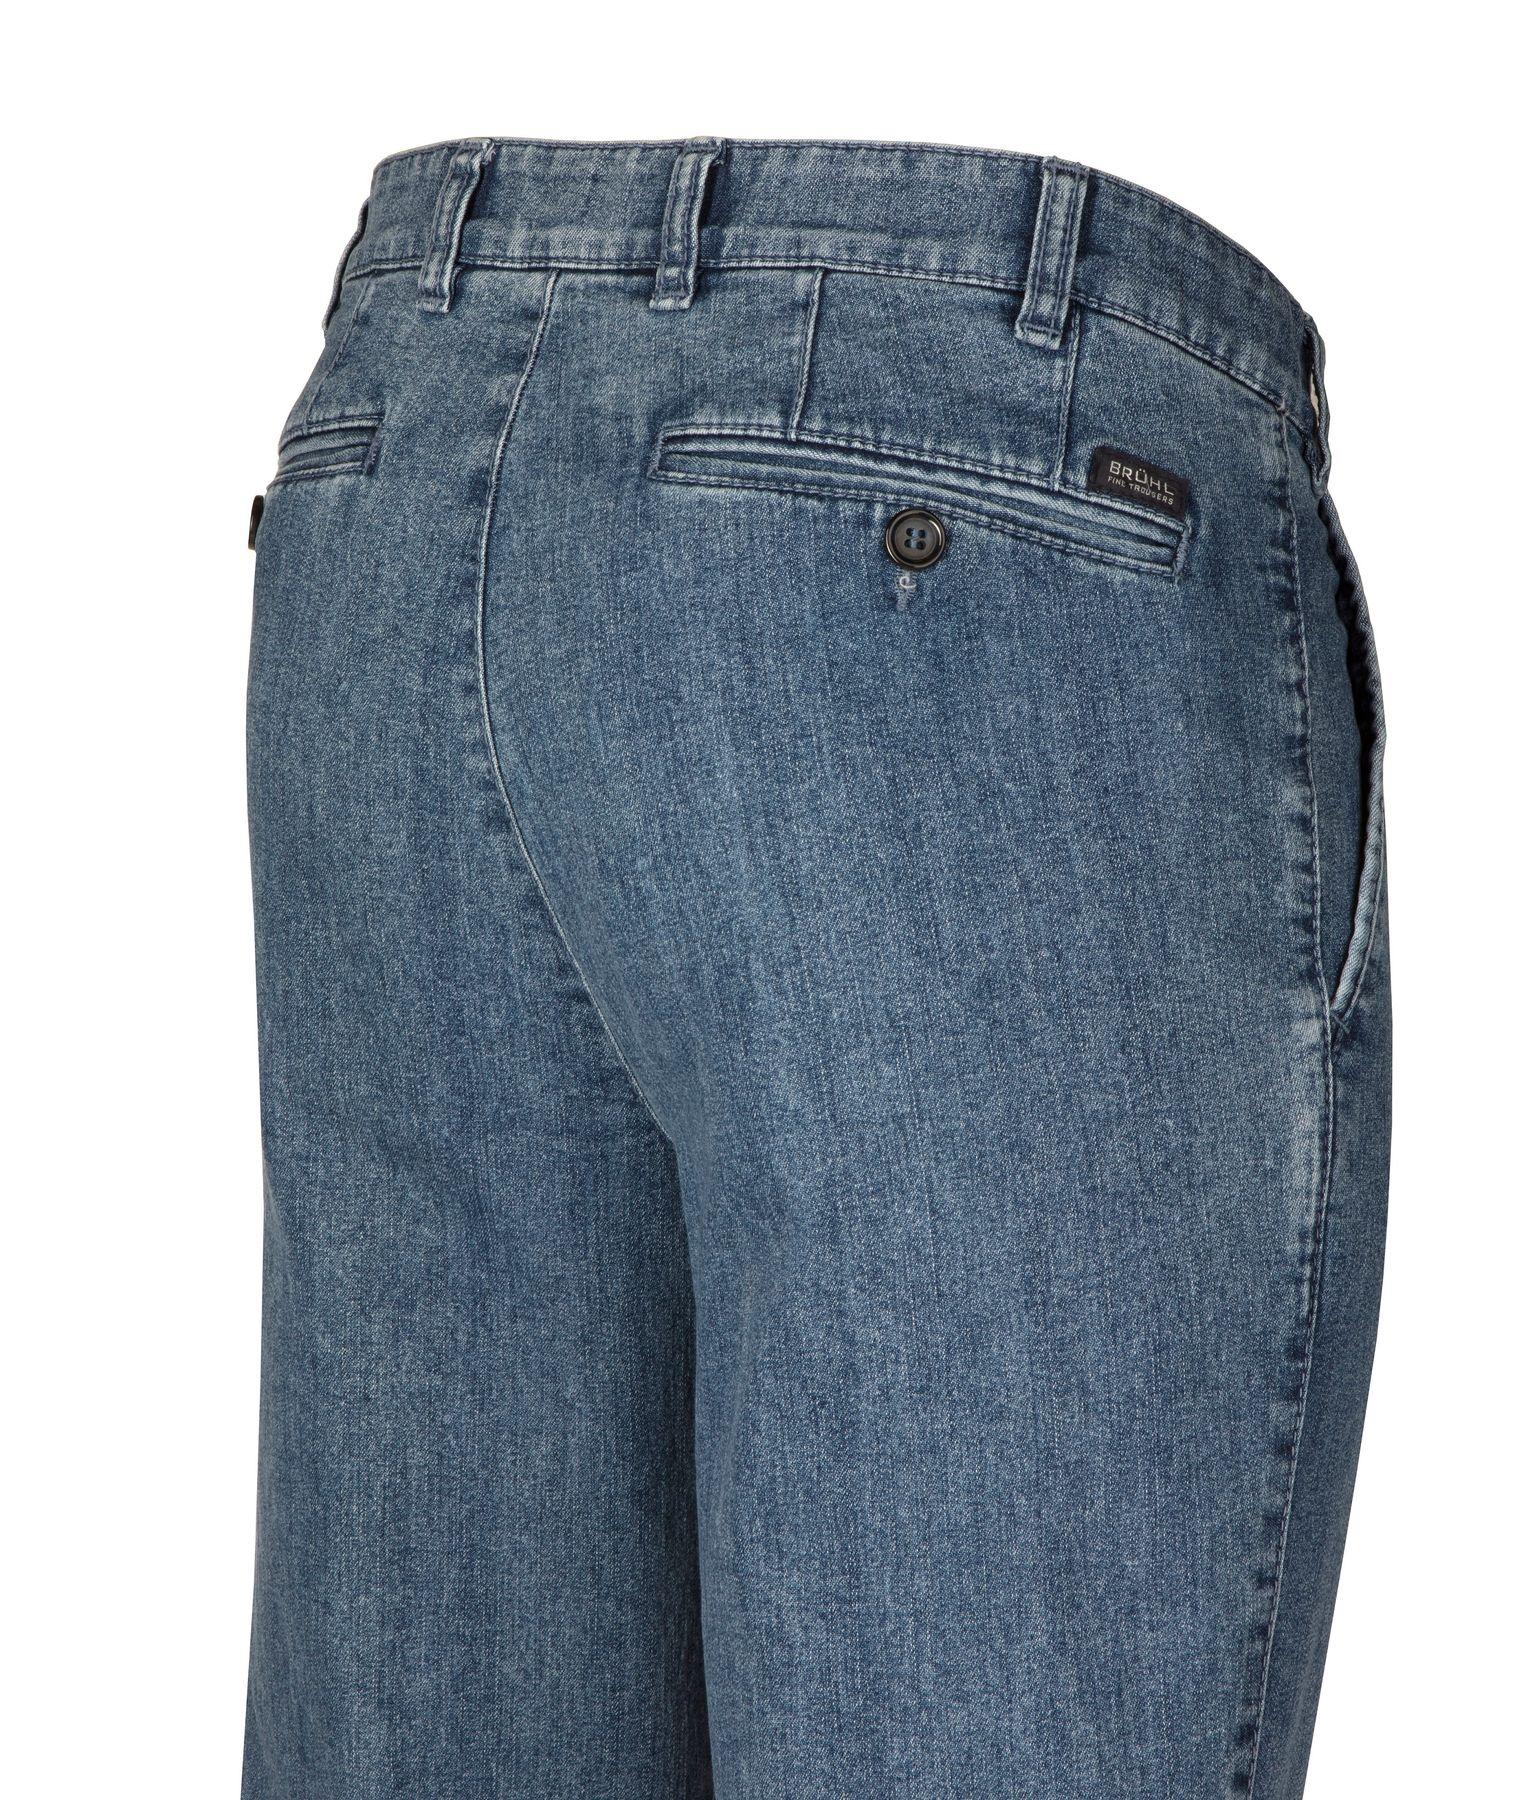 Brühl - Herren Flatfront Jeans in verschiedenen Farben, Parma (0319190340100) – Bild 3